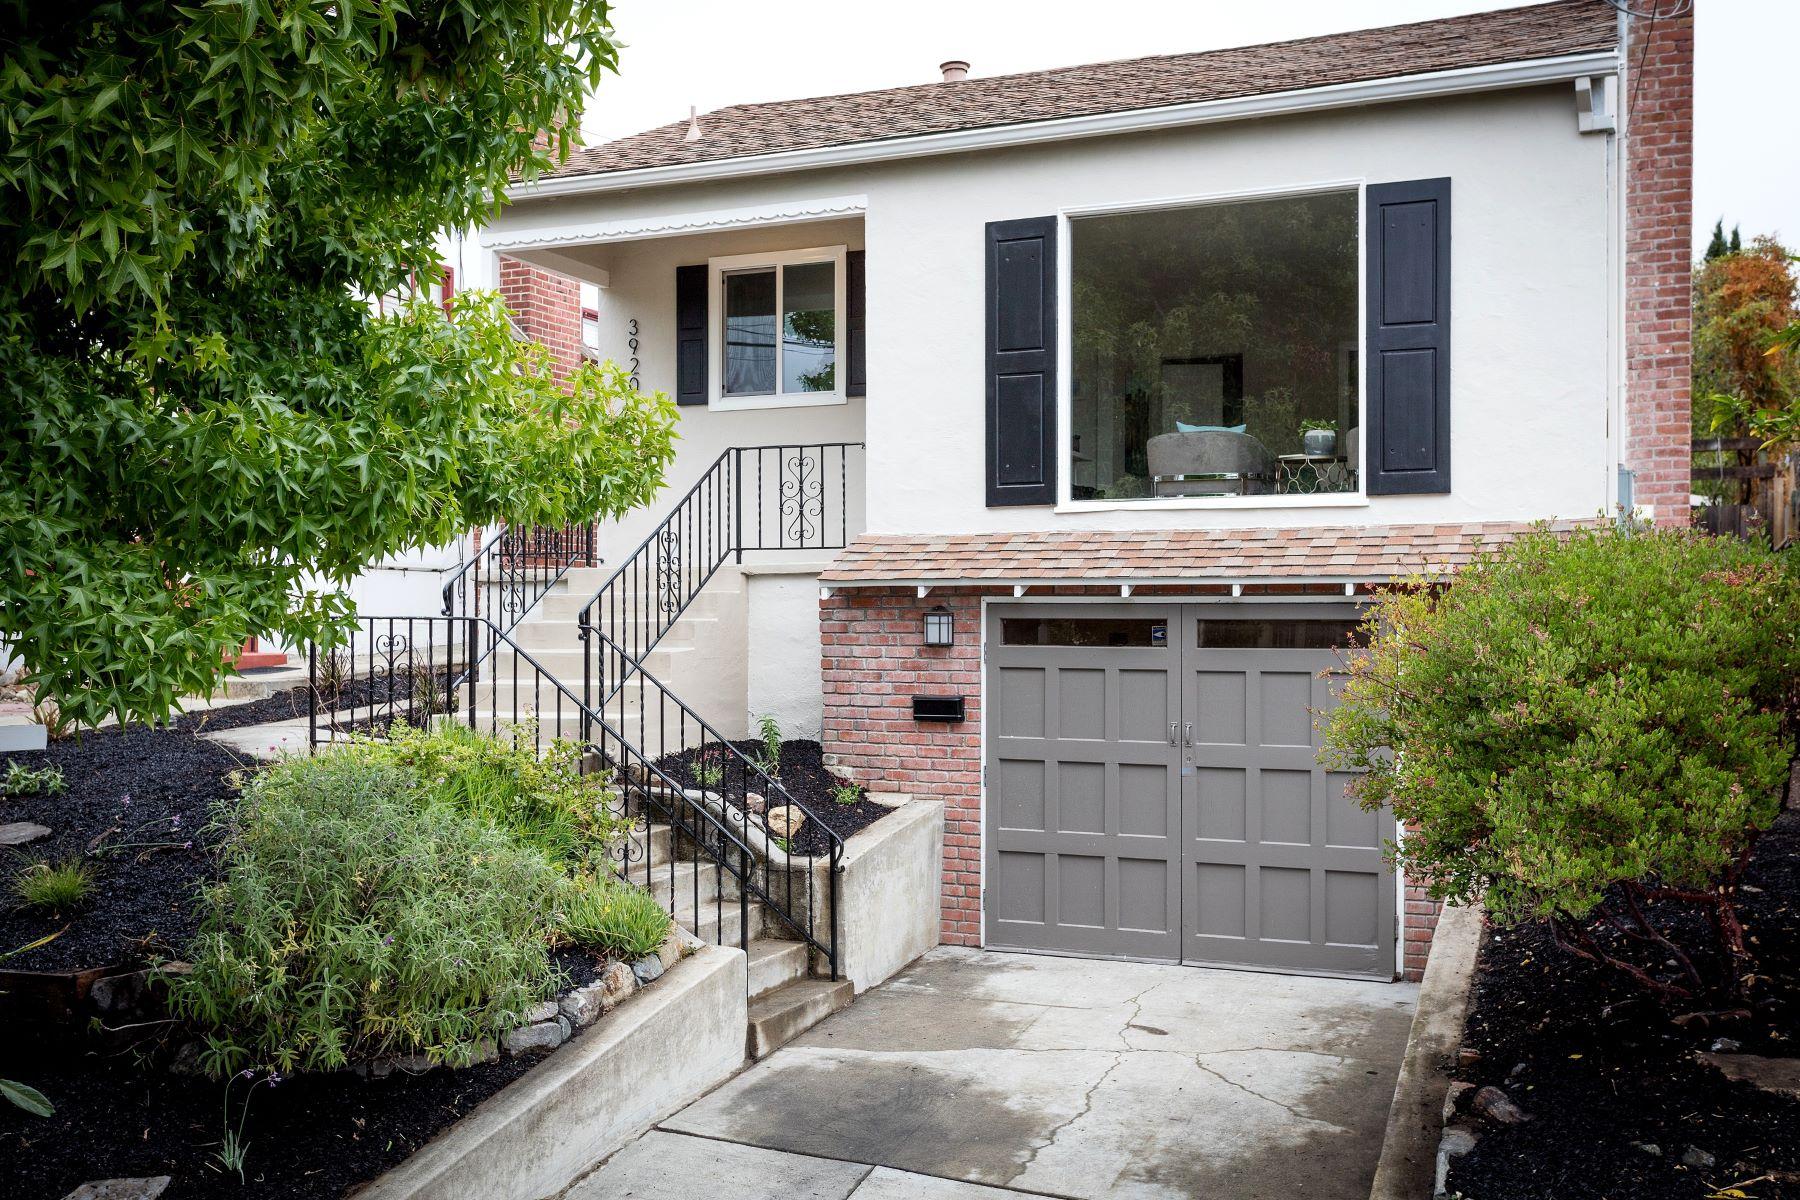 Maison unifamiliale pour l Vente à Upper Dimond Traditional 3920 Coolidge Avenue Oakland, Californie, 94602 États-Unis